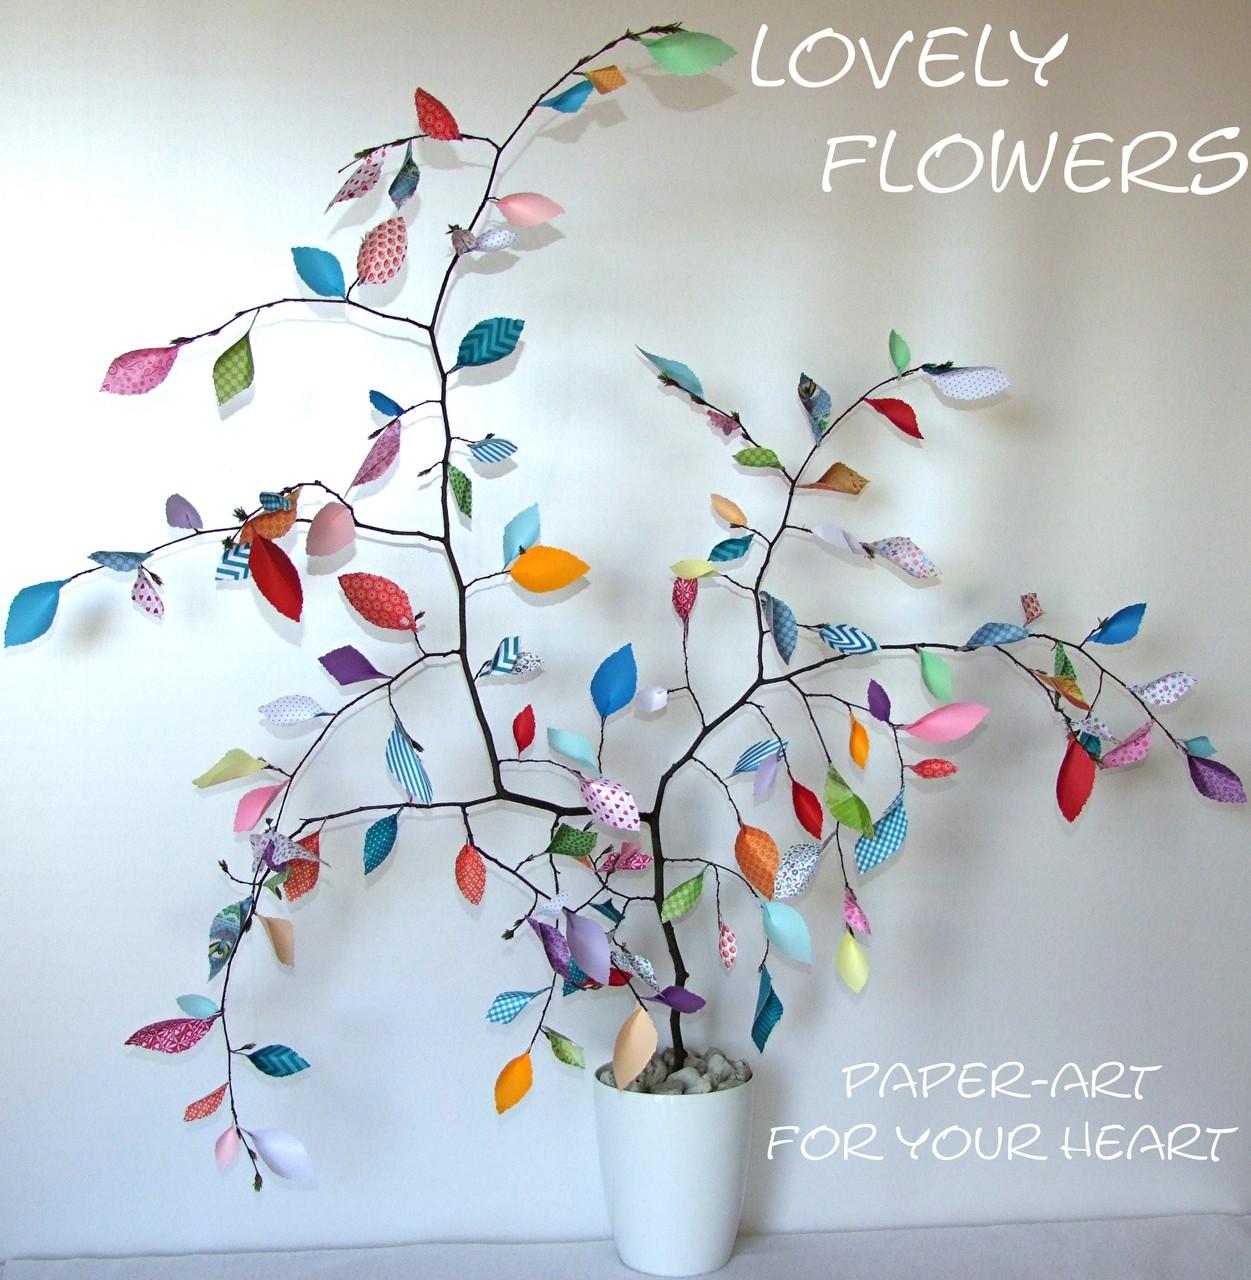 www.lovelyflowers.de - Dein Spezialist für PAPER-ART Gute Laune-Dekorationen!